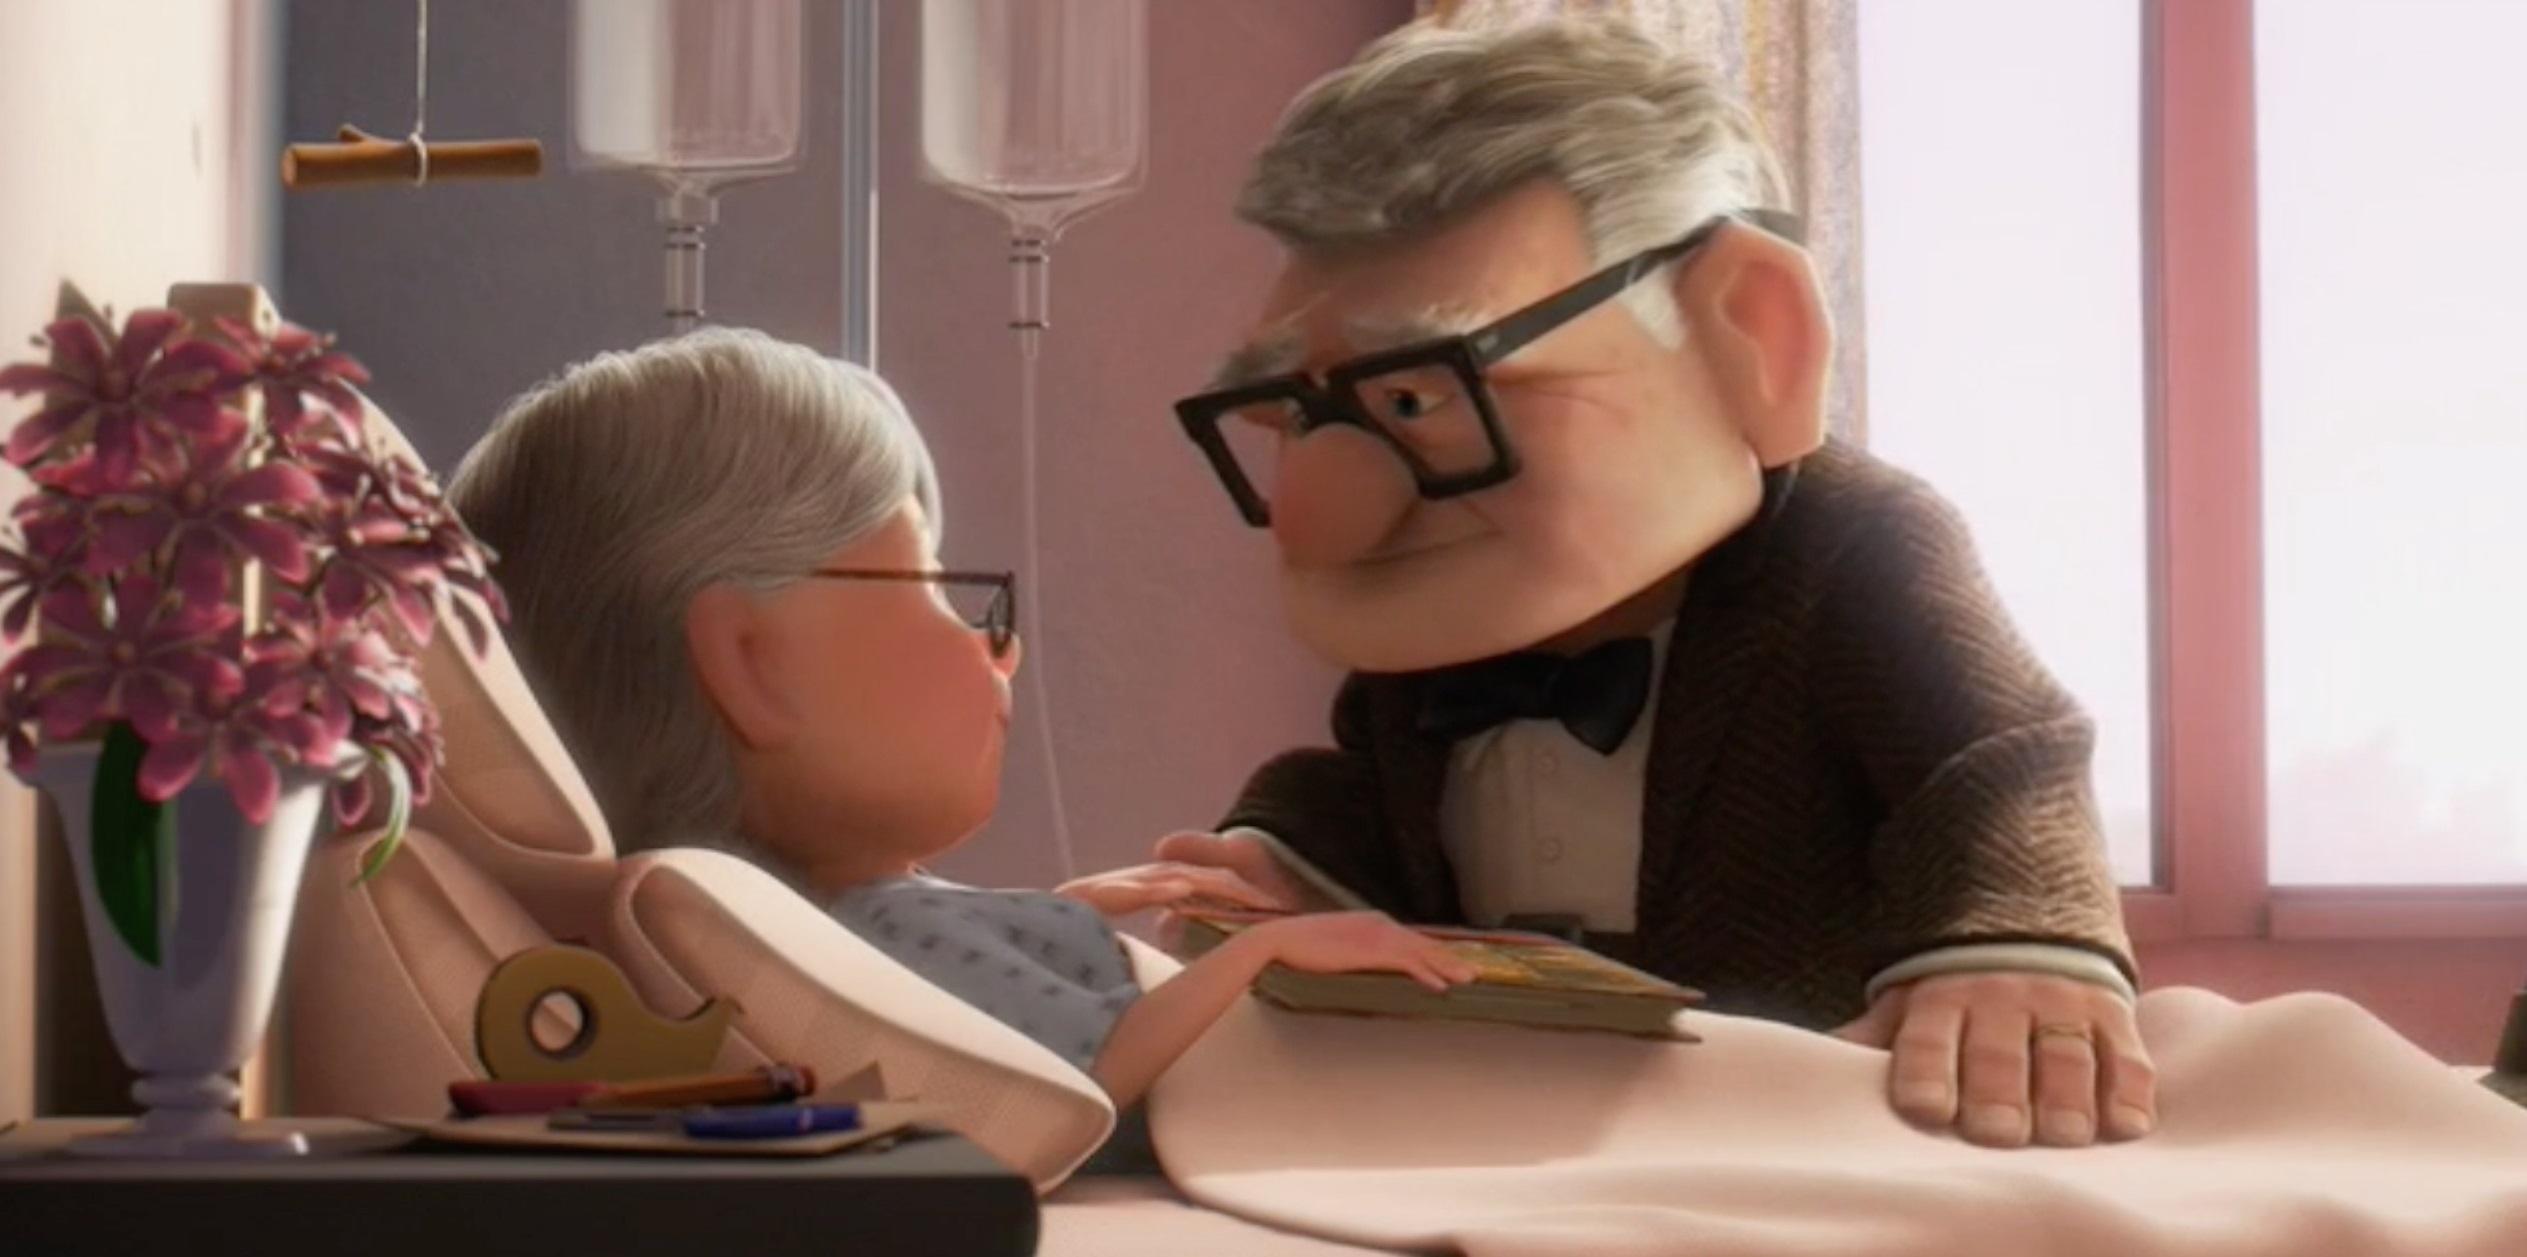 szmk_pixar_disney_coco_fel_toy_story_szenilla_nemo_agymanok_elore_meghatodott_siras_konnyek_emlekezz_ram_woody_buzz_miguel_banat_deru_animacio_2.jpg